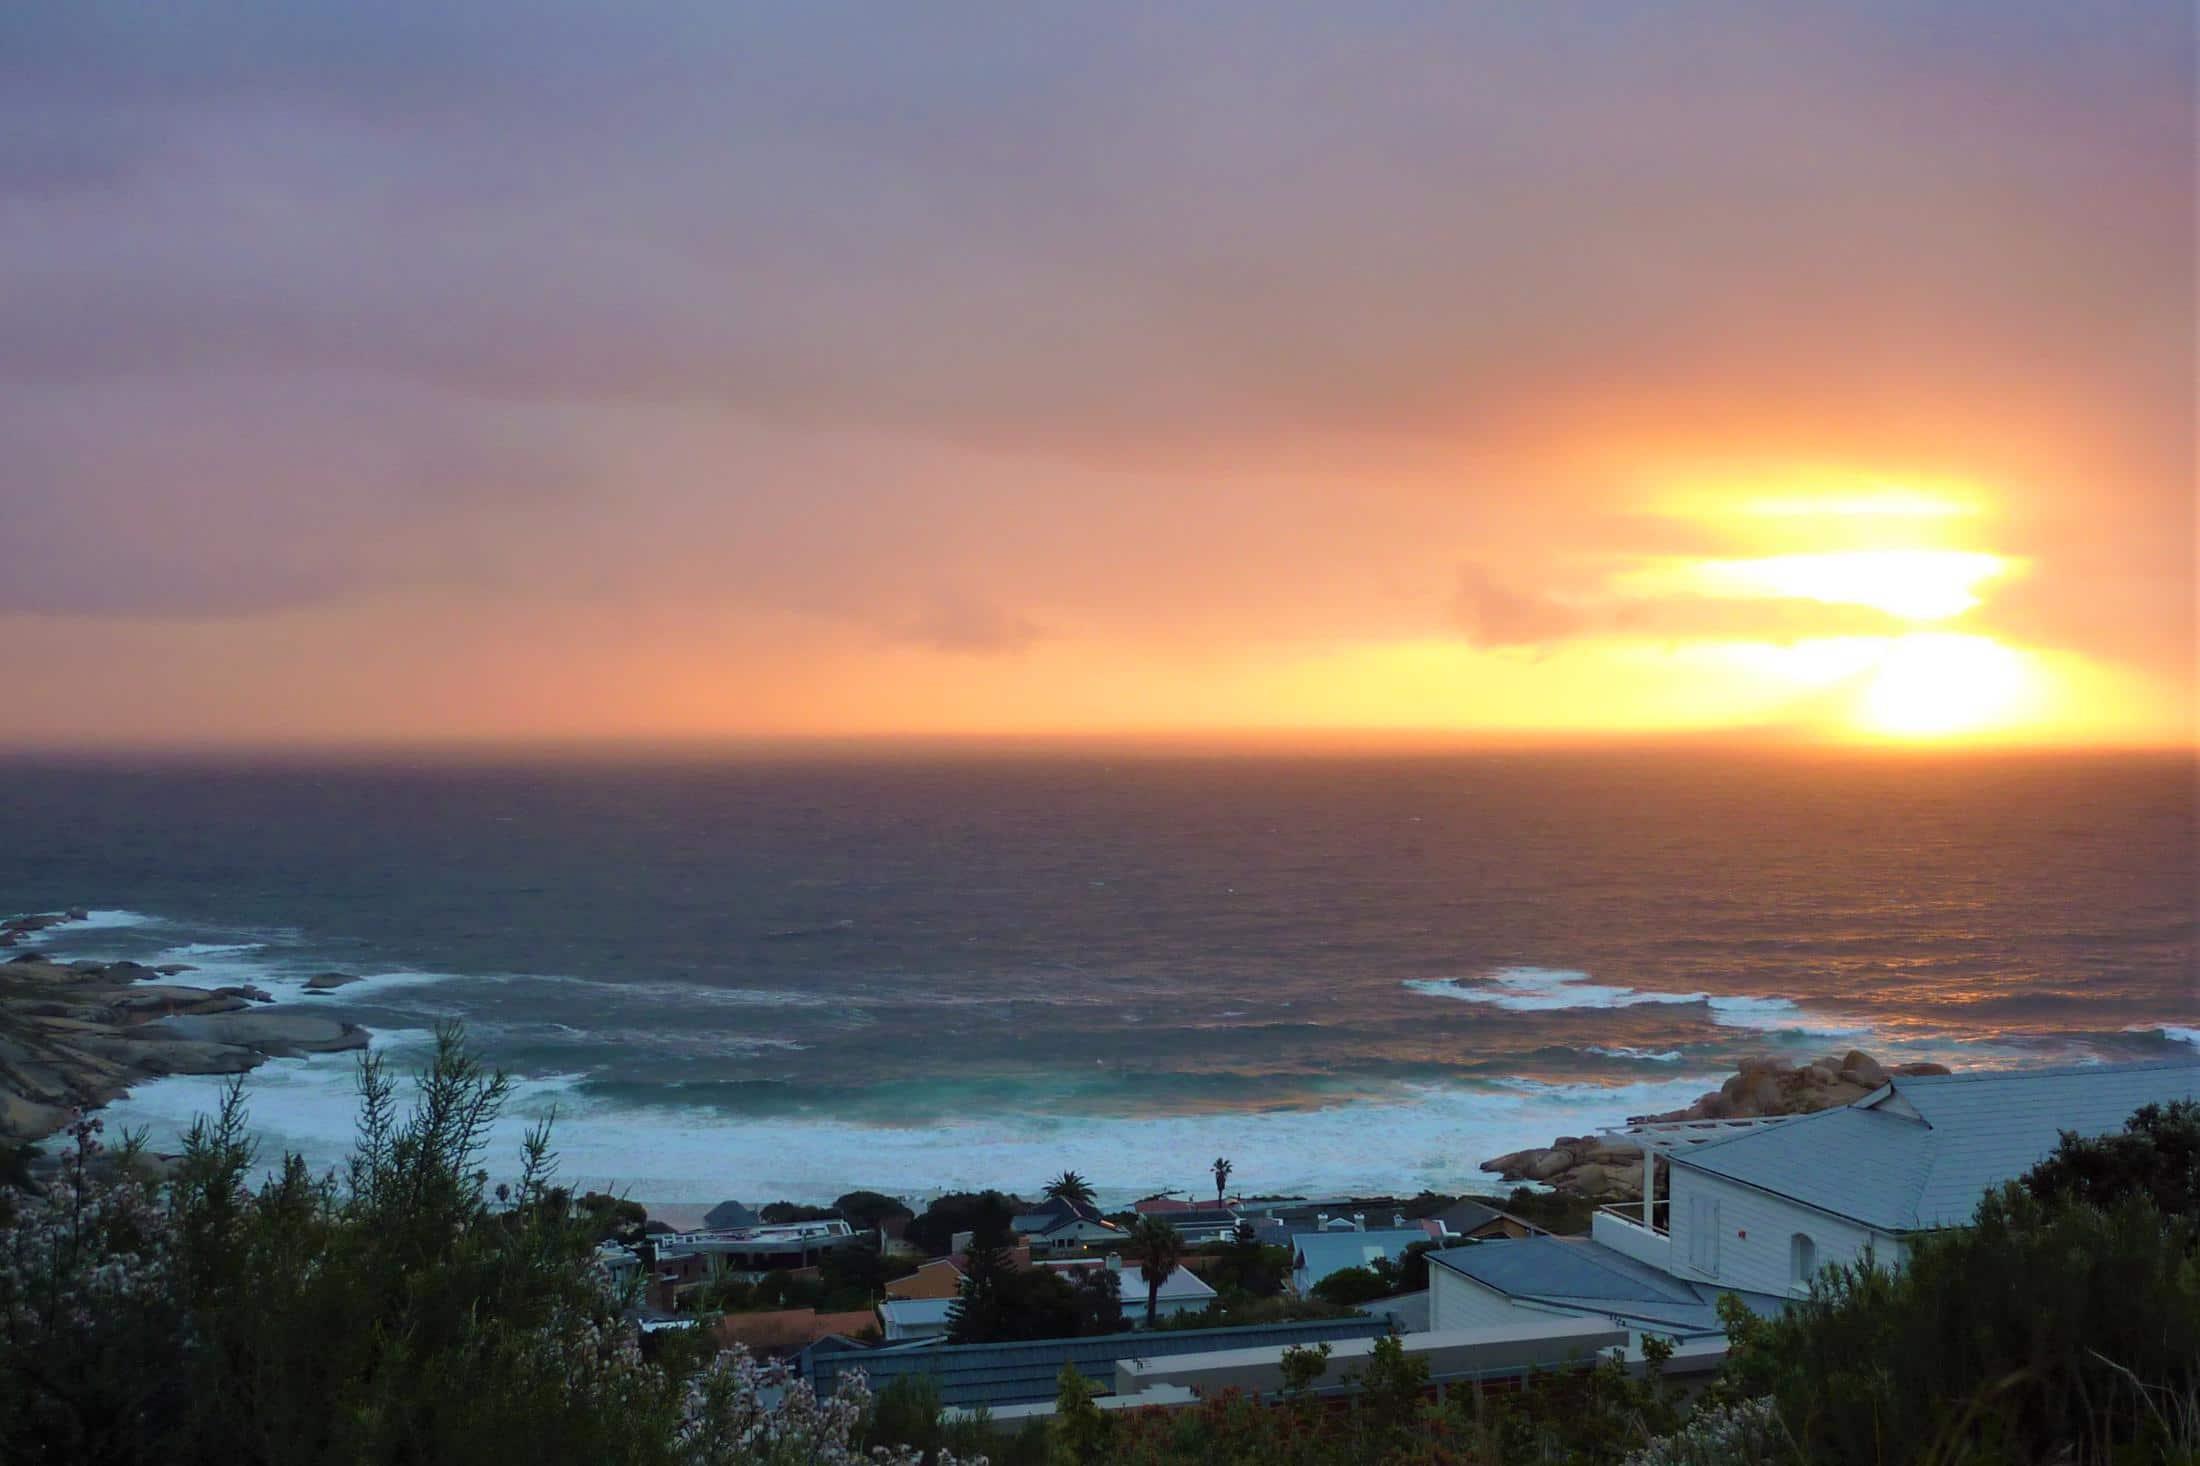 Beste reistijd Zuid-Afrika - Zonsondergang over Atlantische Oceaan bij Chapman's Peak, Kaapstad